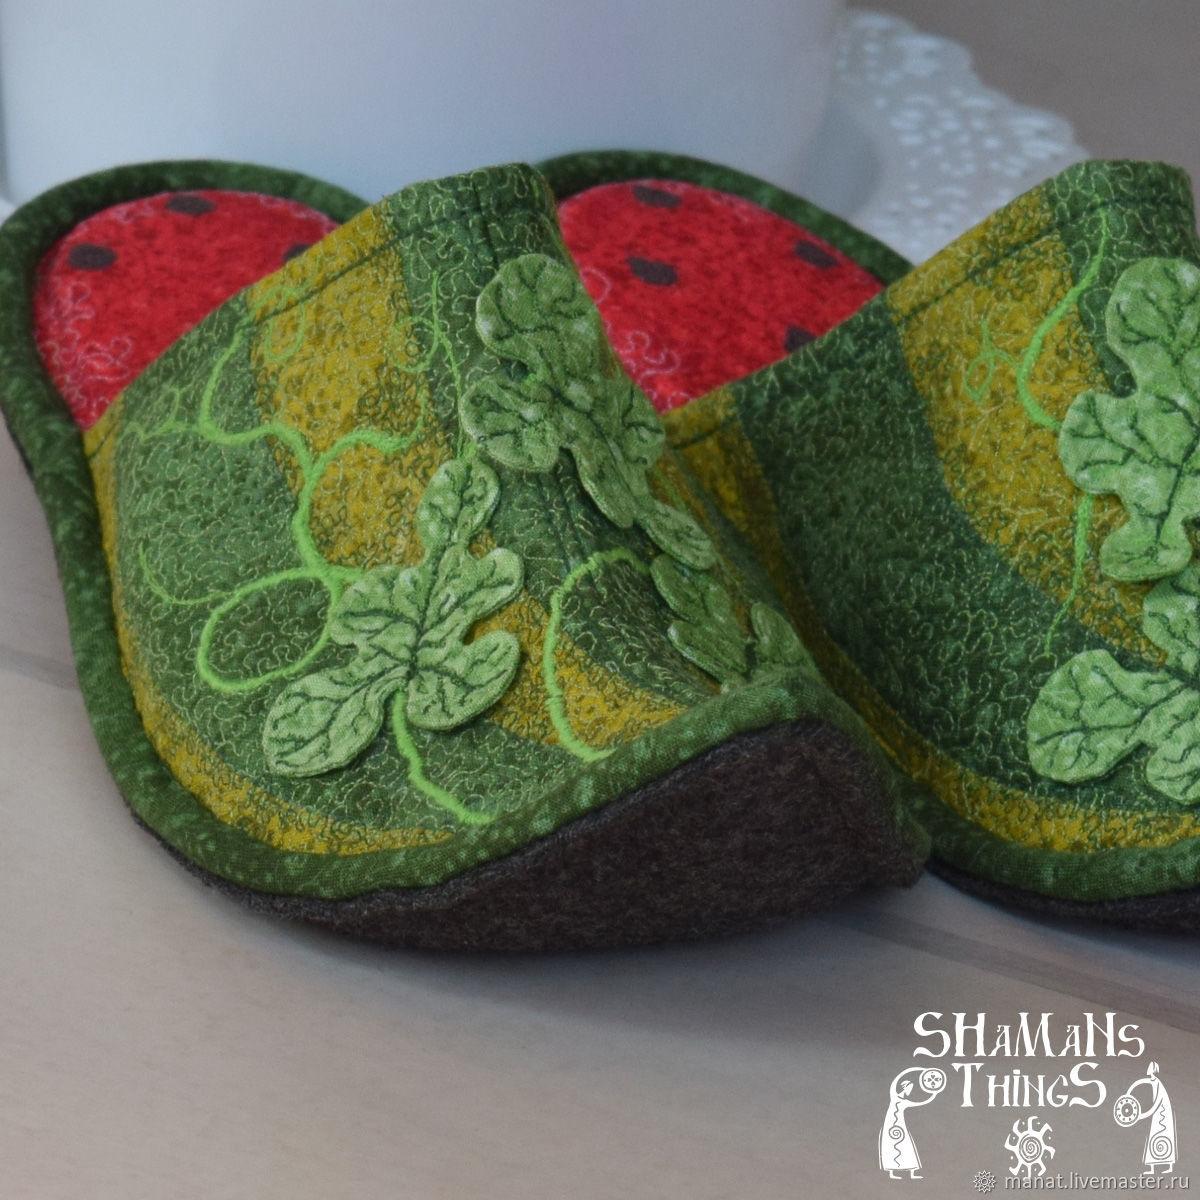 """Обувь ручной работы. Ярмарка Мастеров - ручная работа. Купить Тапочки """"Дарбыз"""". Handmade. Квилтинг и пэчворк, подарок девушке, комбинированный"""